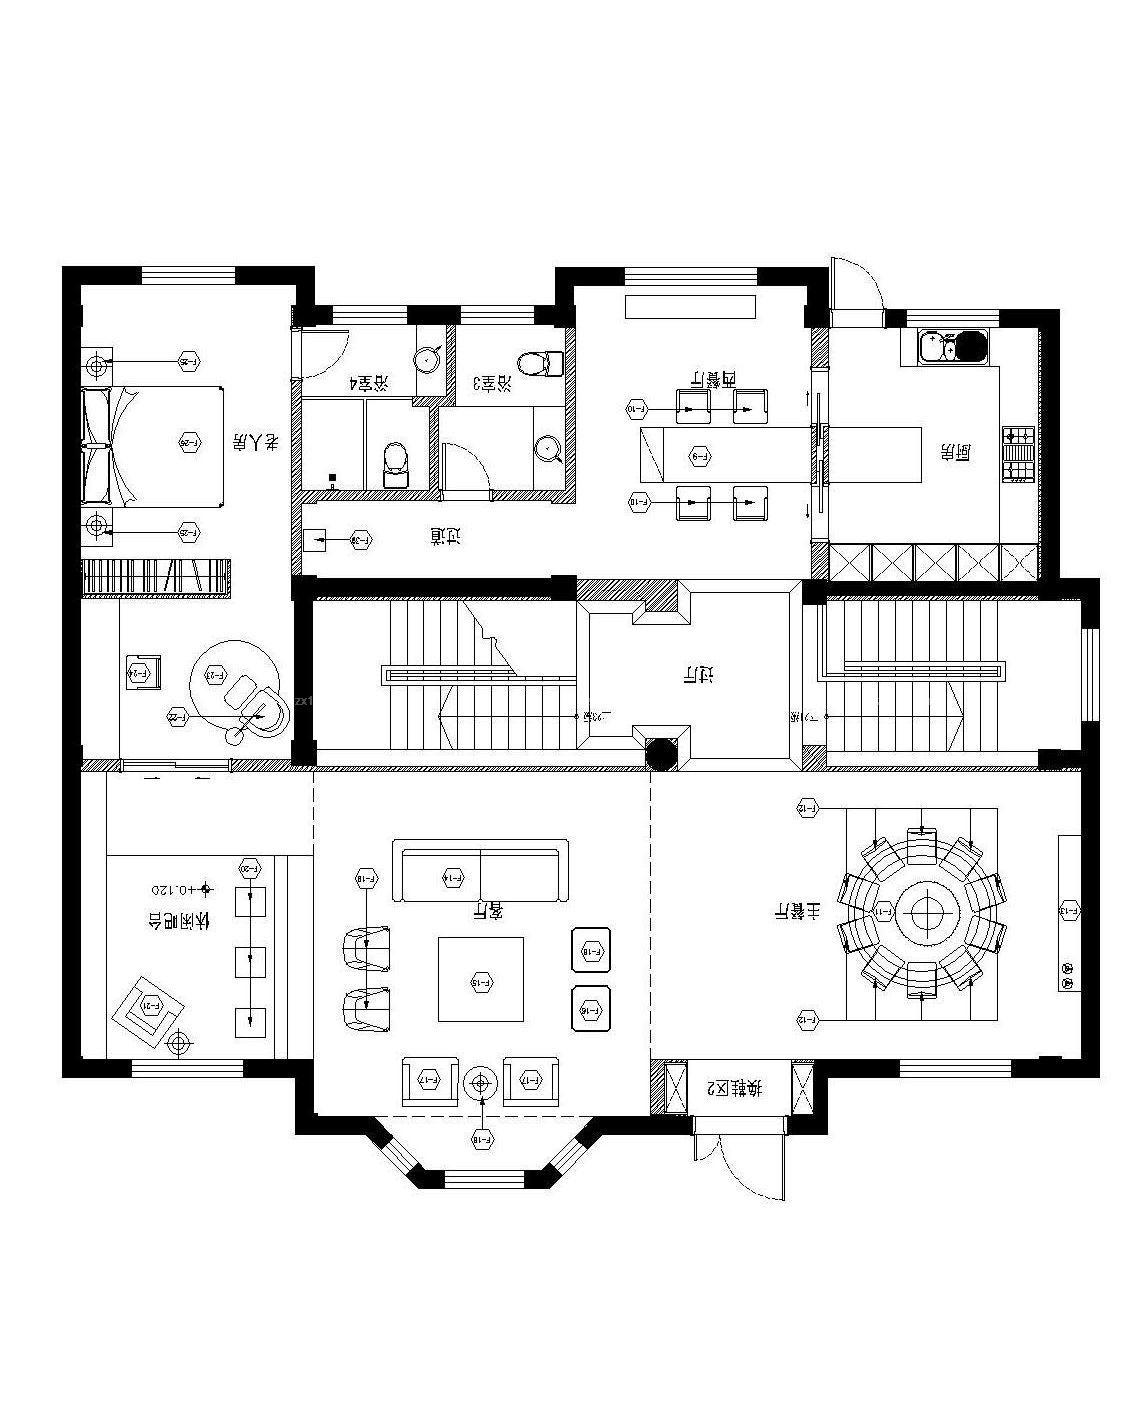 一层复式小别墅设计图-农村复式别墅设计图|农村一层小别墅设计